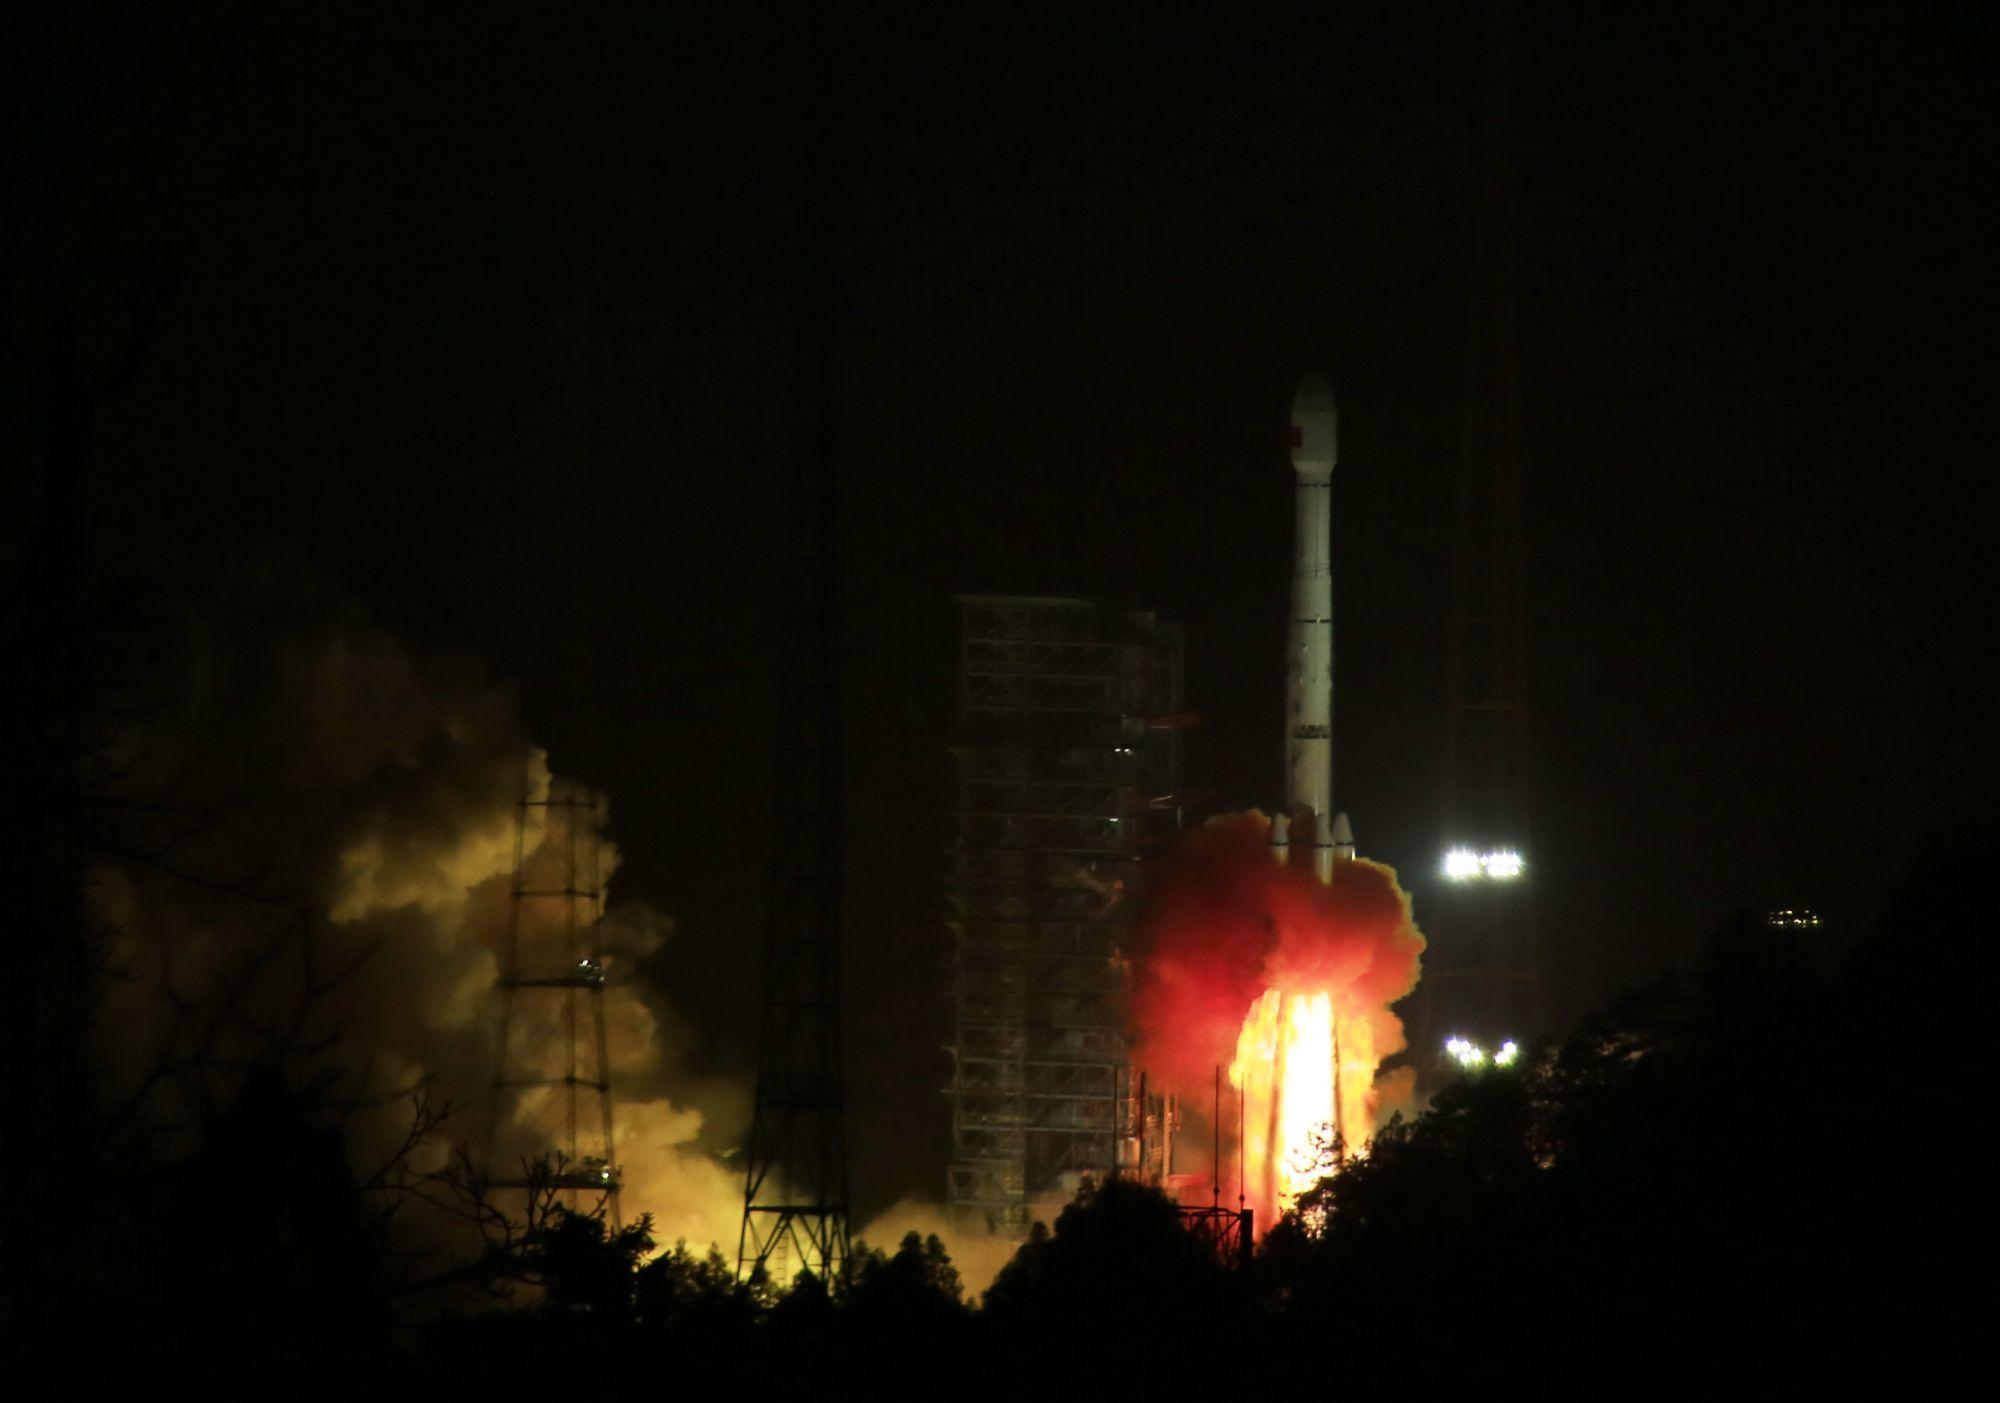 北斗三号工程第二组卫星发射成功